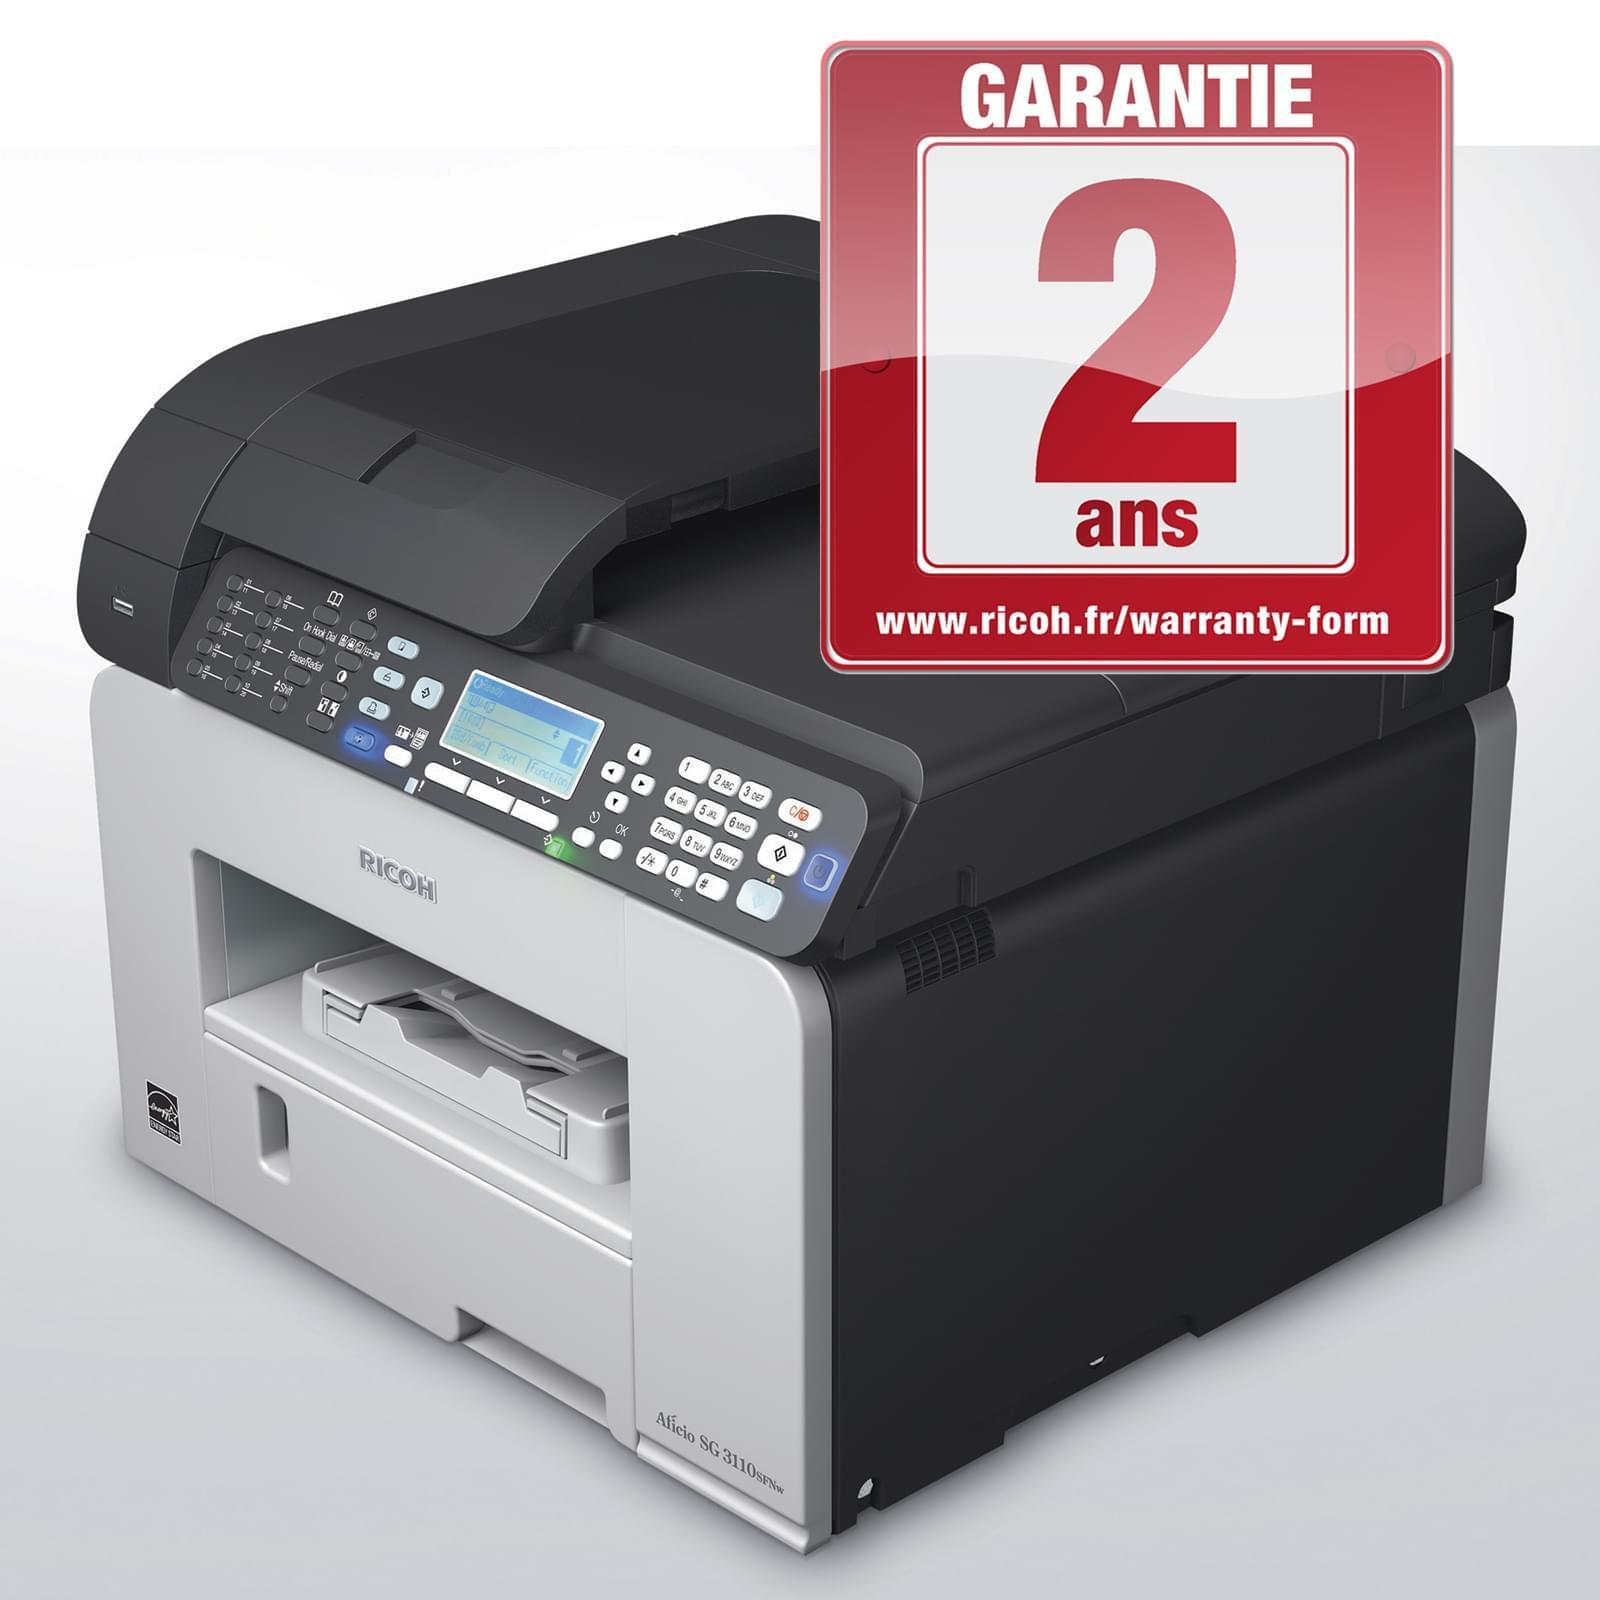 Ricoh SG 3110 SFNw (GelJet/Fax/Reseau/WiFi) (981407) - Achat / Vente Imprimante multifonction sur Cybertek.fr - 0